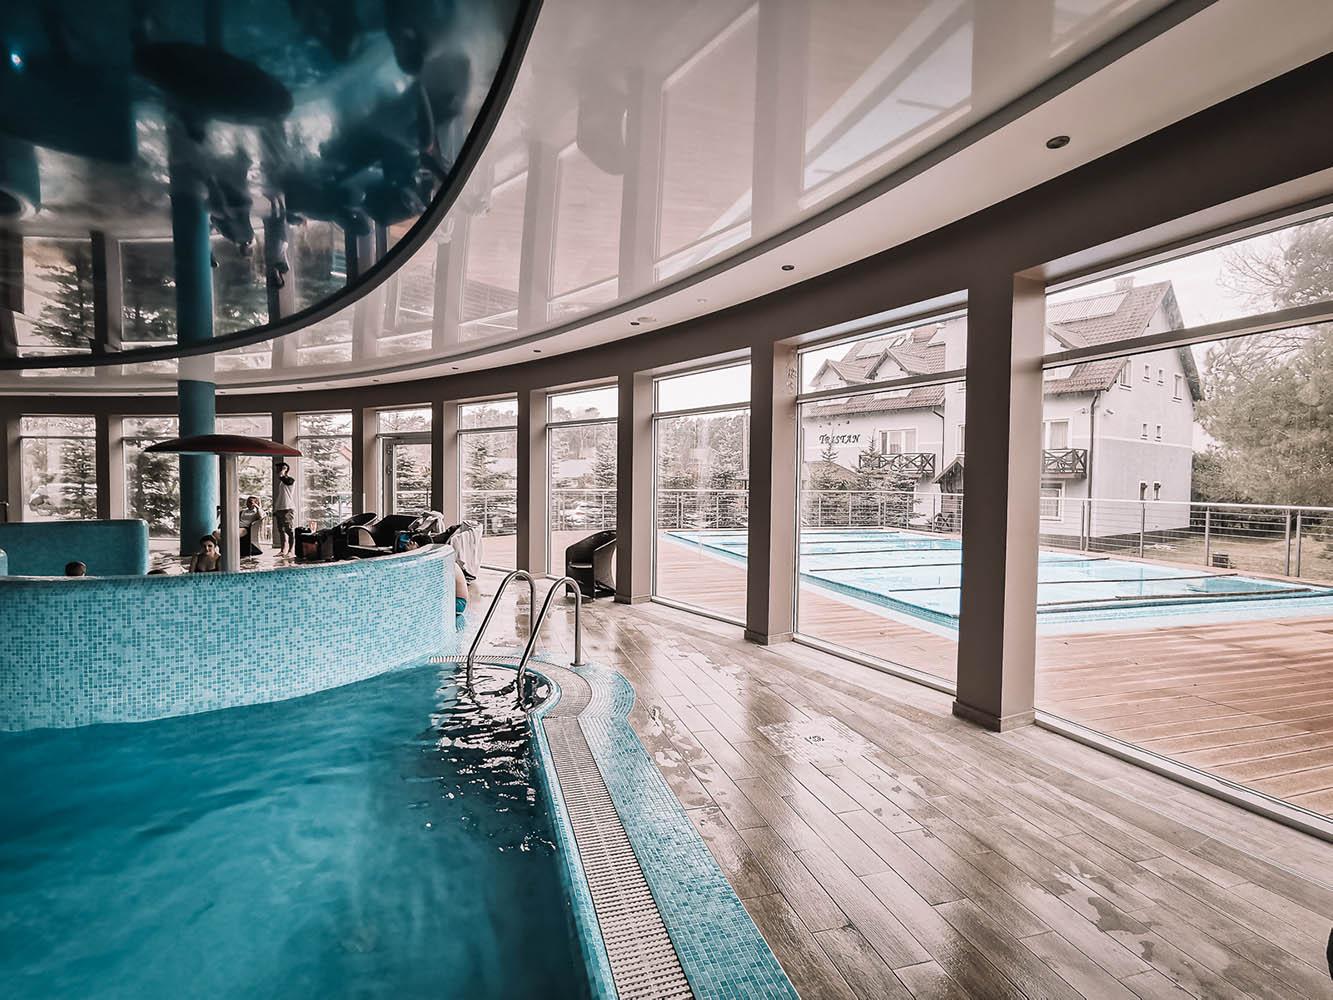 basen zewnętrzny welness hotel tristan spa kąty rybackie